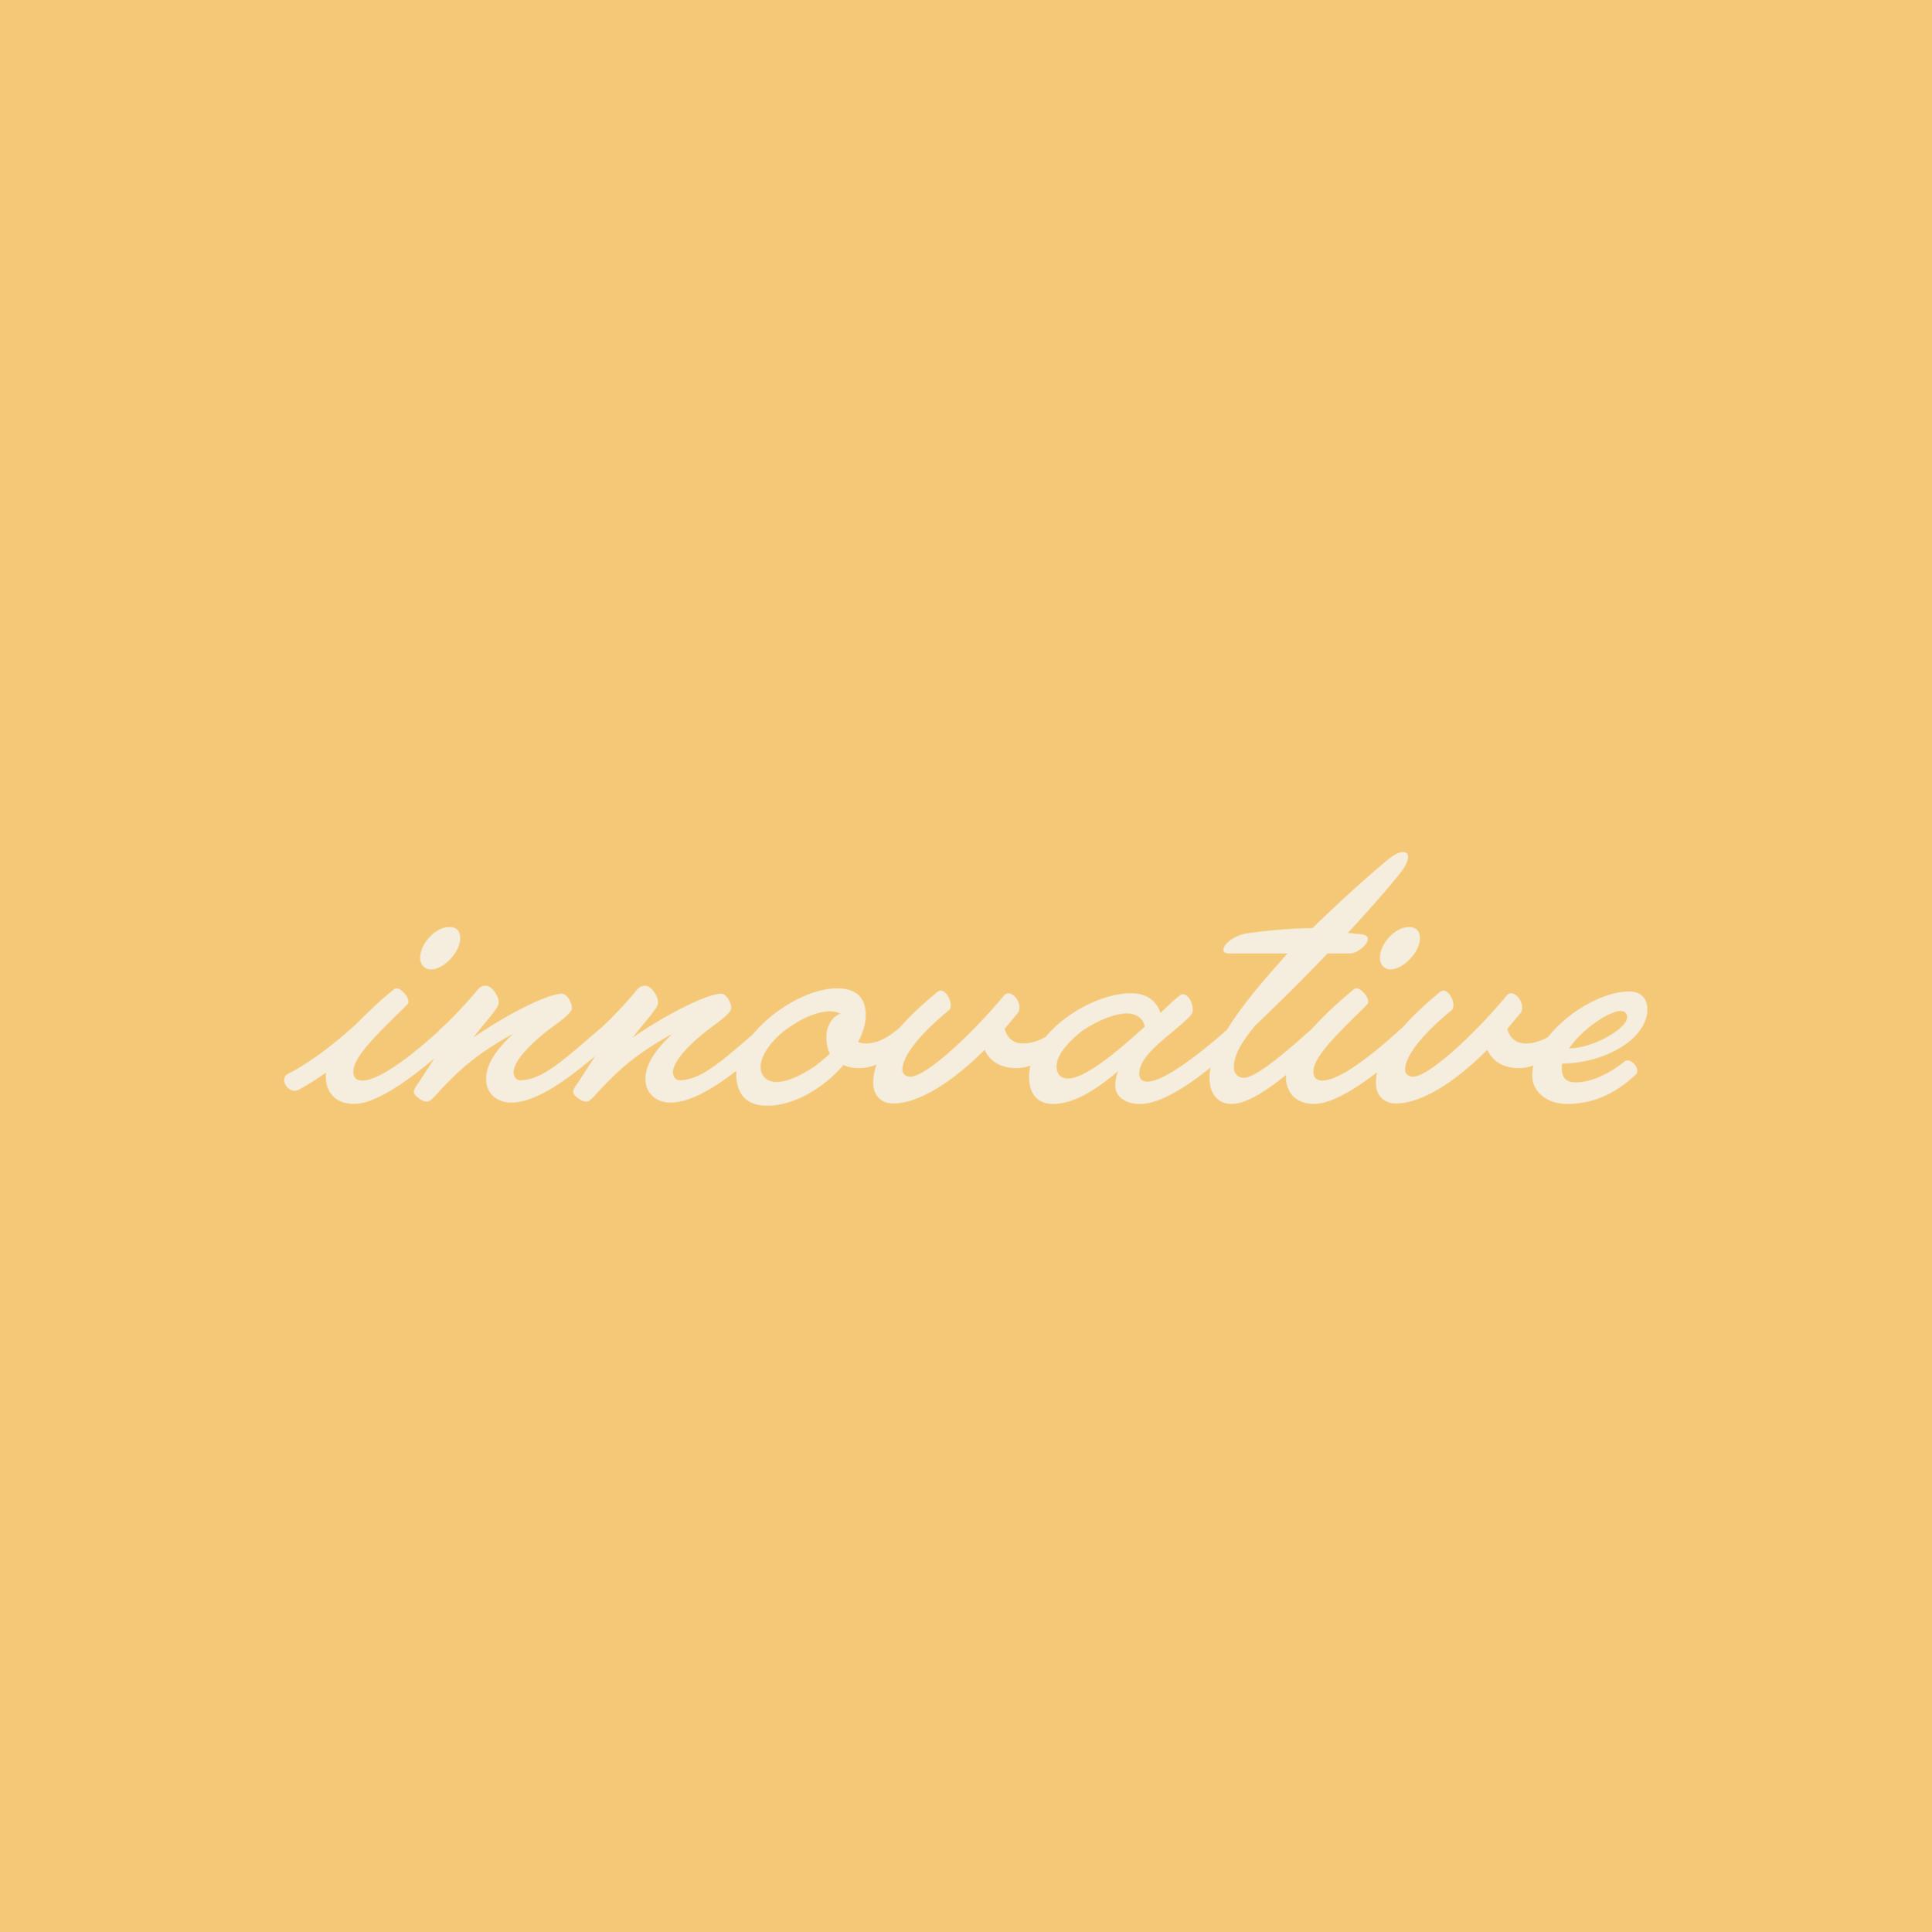 BIBKFLD_Tagline_Square_Social_Innovative.png